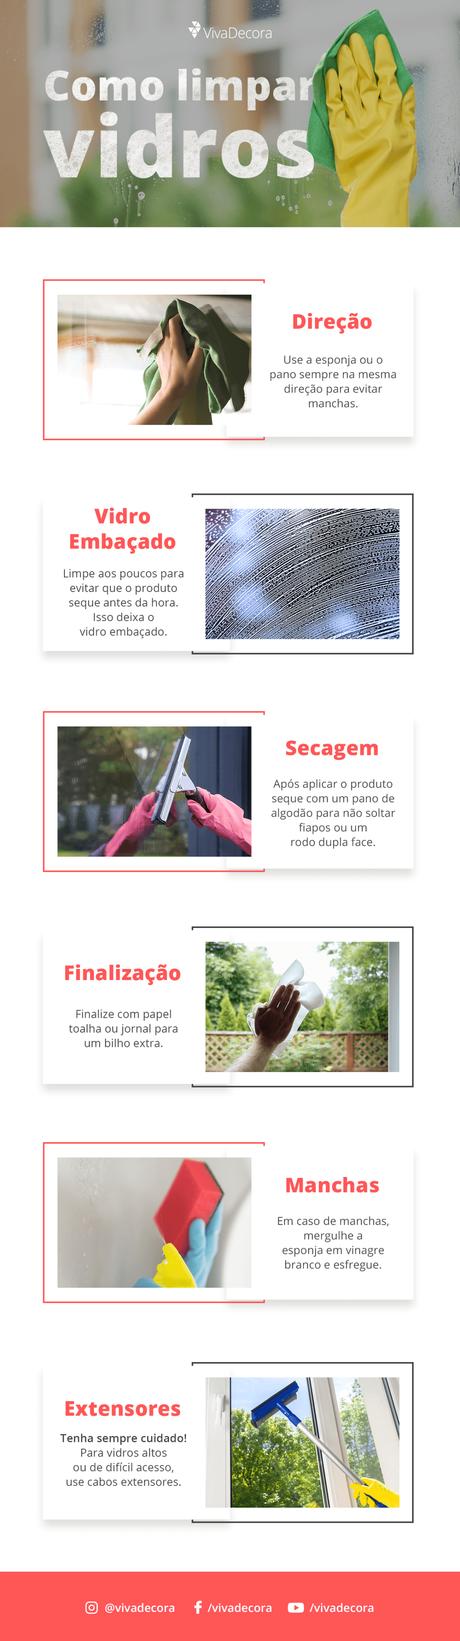 Infográfico – Como limpar vidros